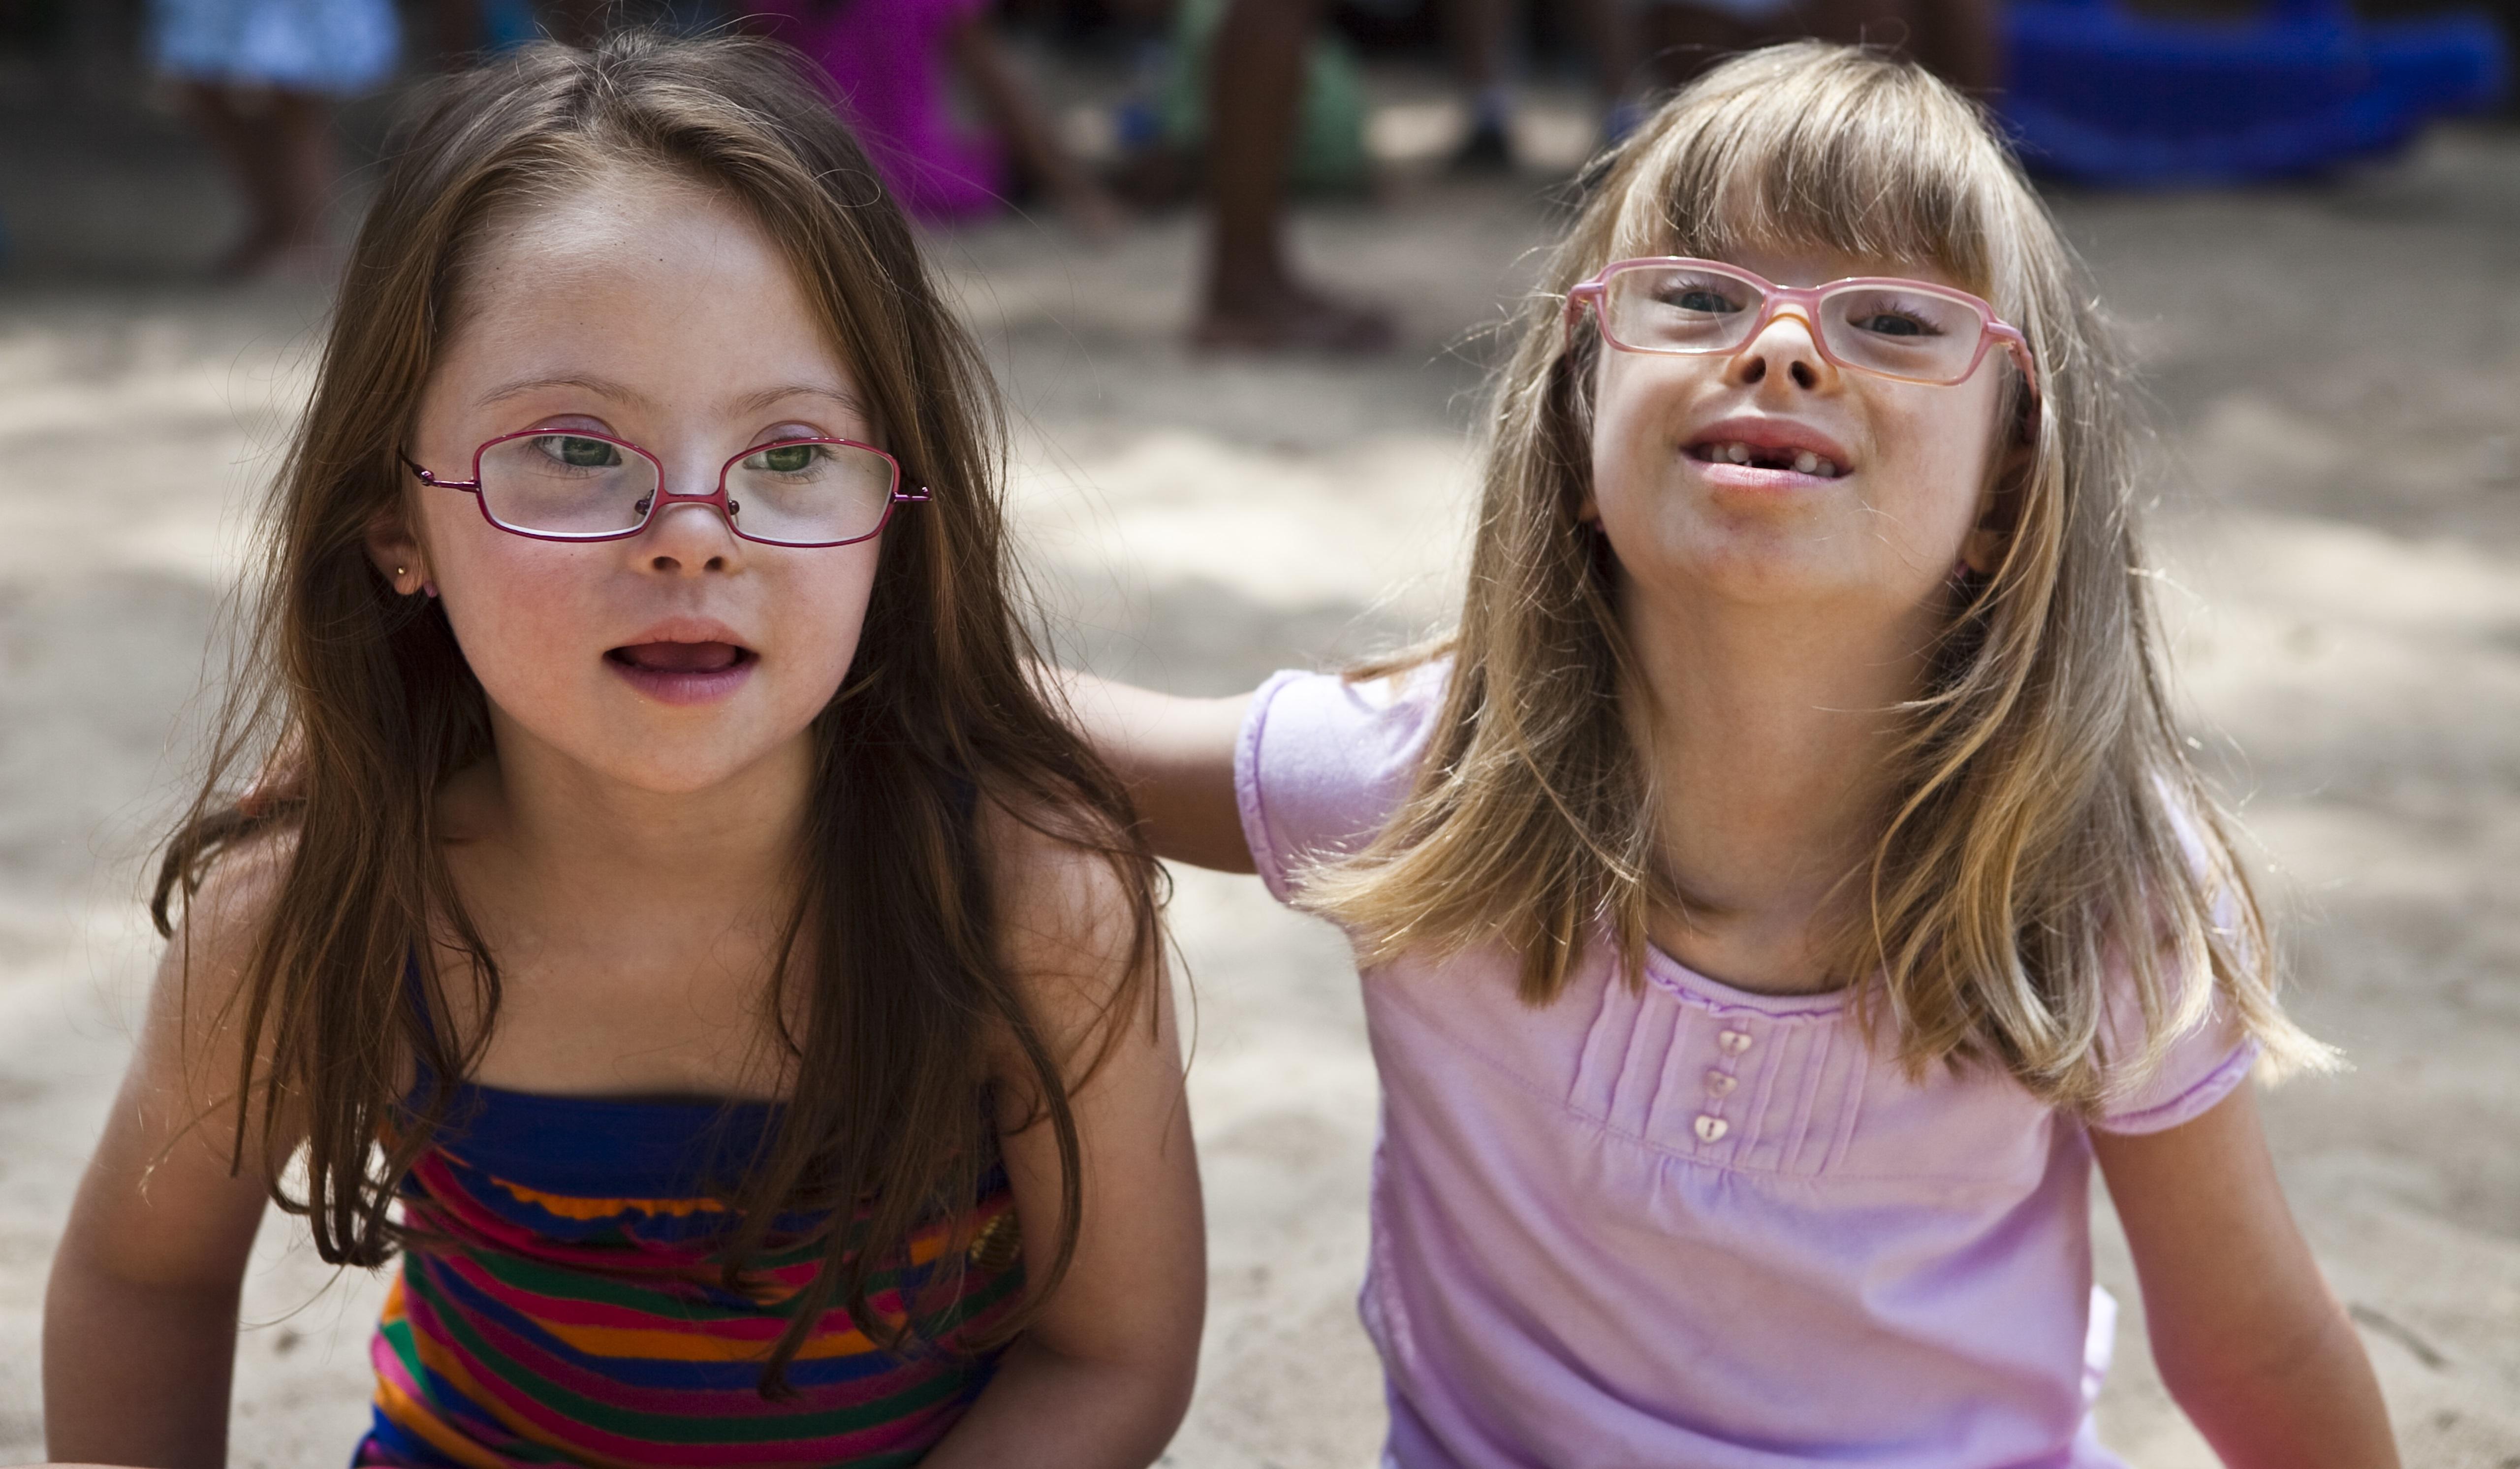 Duas garotas com síndrome de Down estão sentadas de frente para a foto. A que está do lado esquerdo olha levemente para o lado, enquanto a que está do lado direito olha para frente e apoia o braço nas costas da amiga.